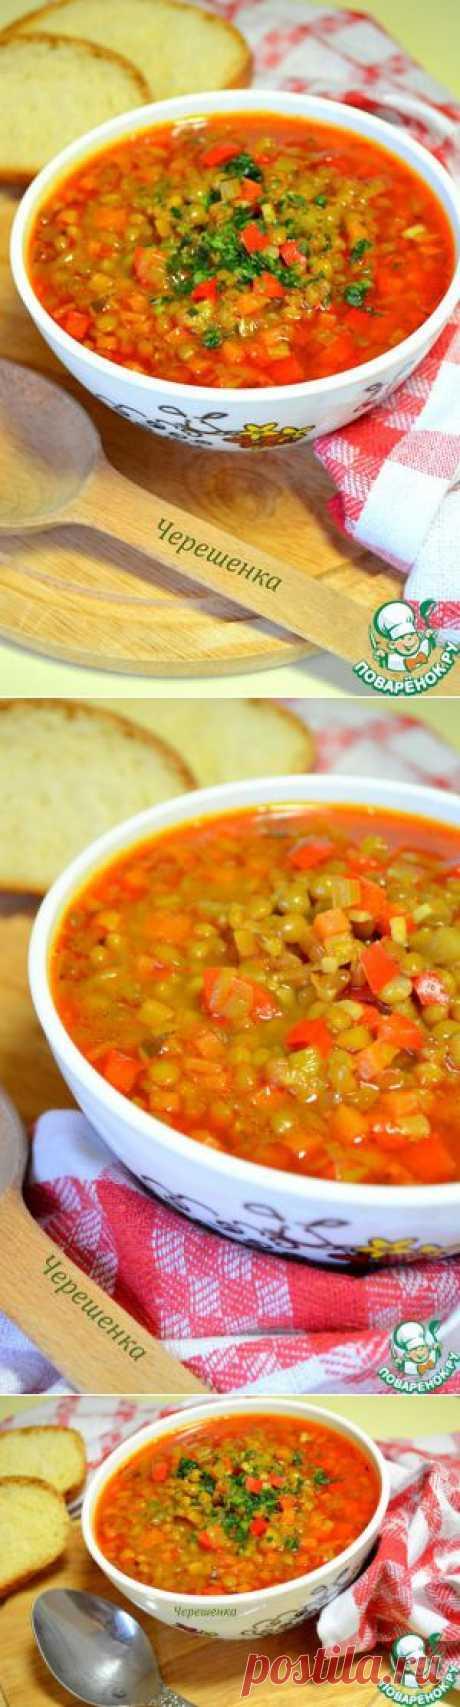 Супа лешта (суп с чечевицей). Постный рецепт - кулинарный рецепт